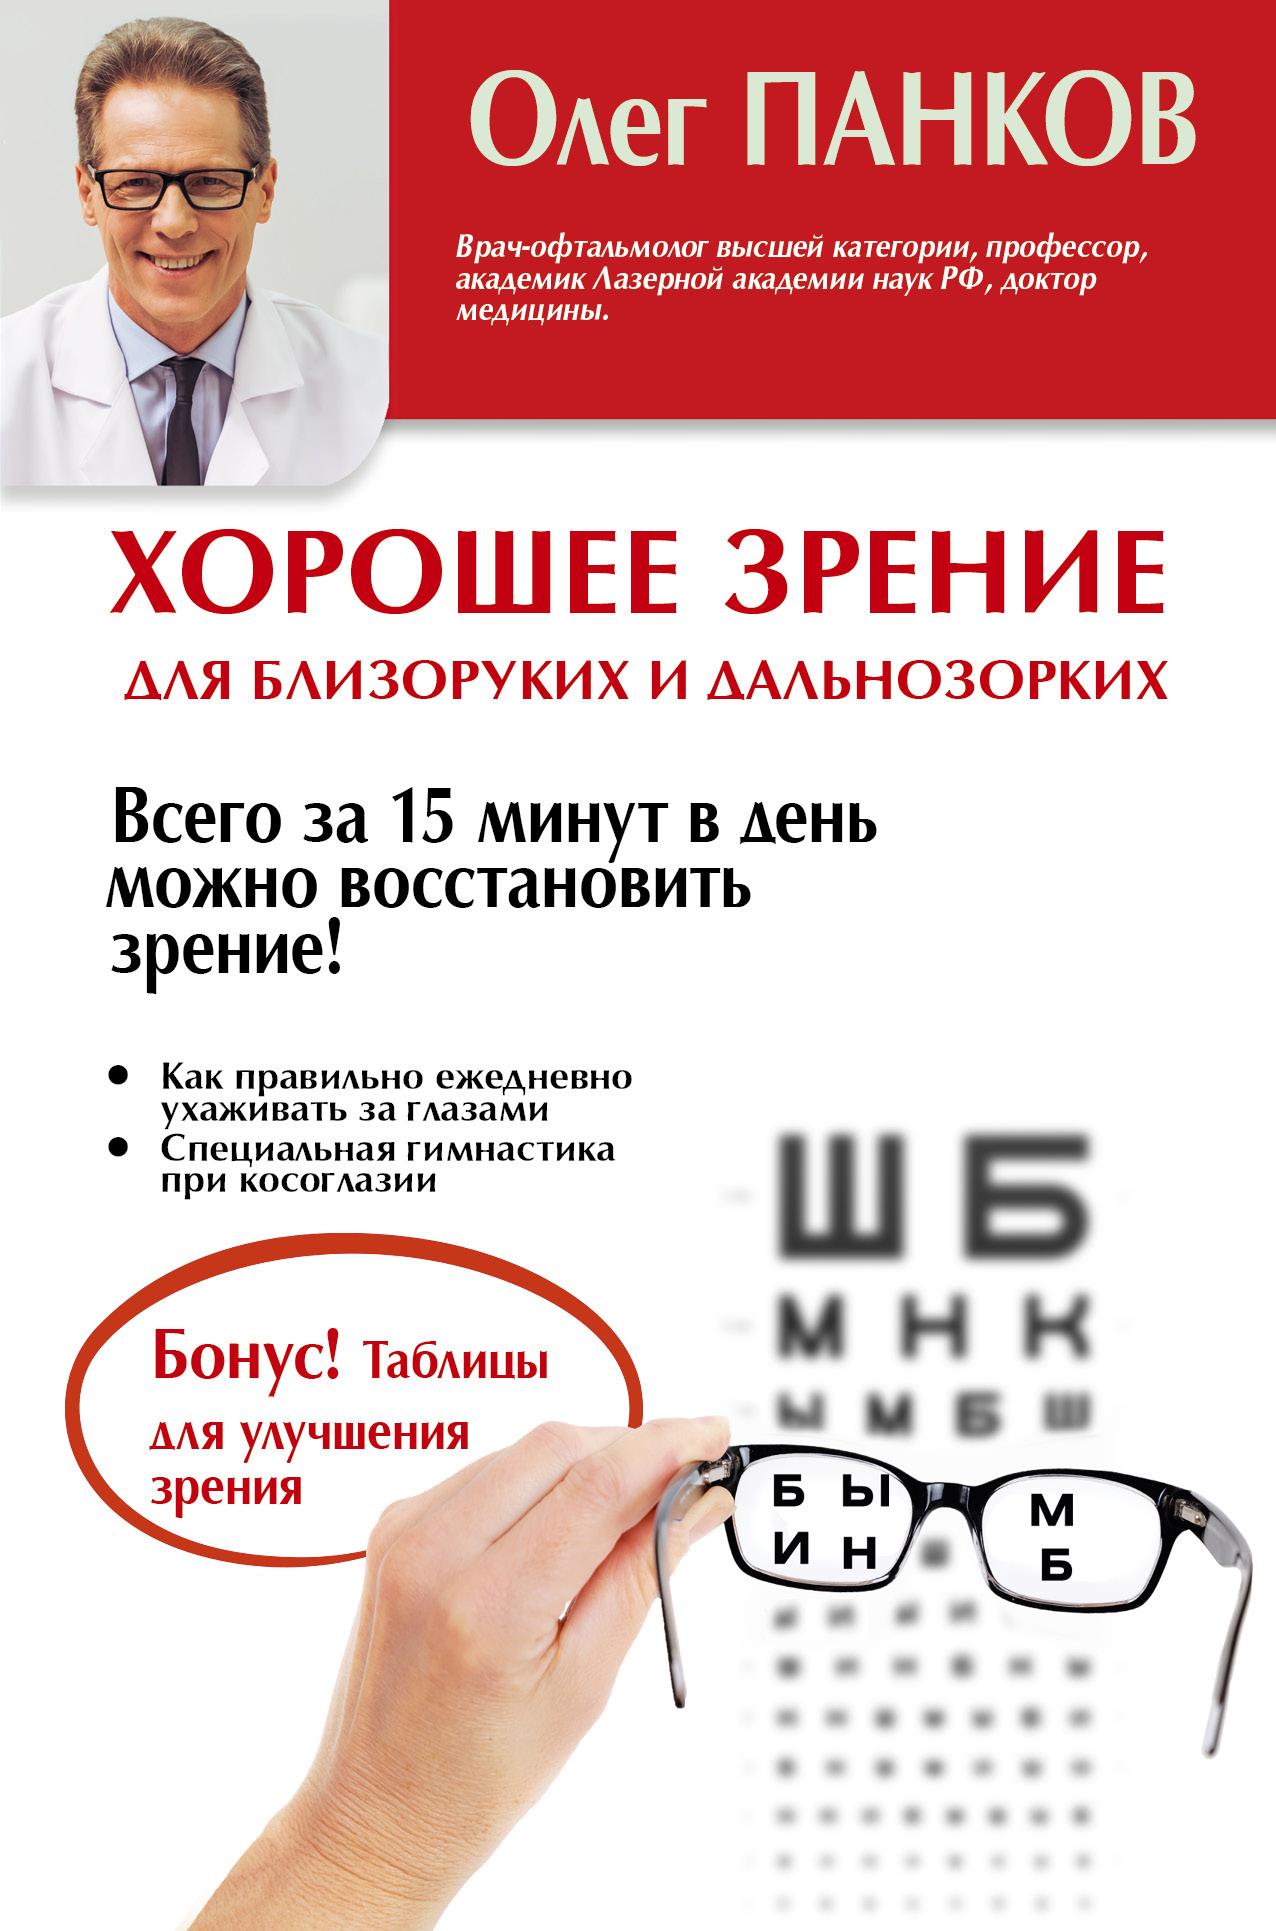 Панков О.П. Хорошее зрение для близоруких и дальнозорких